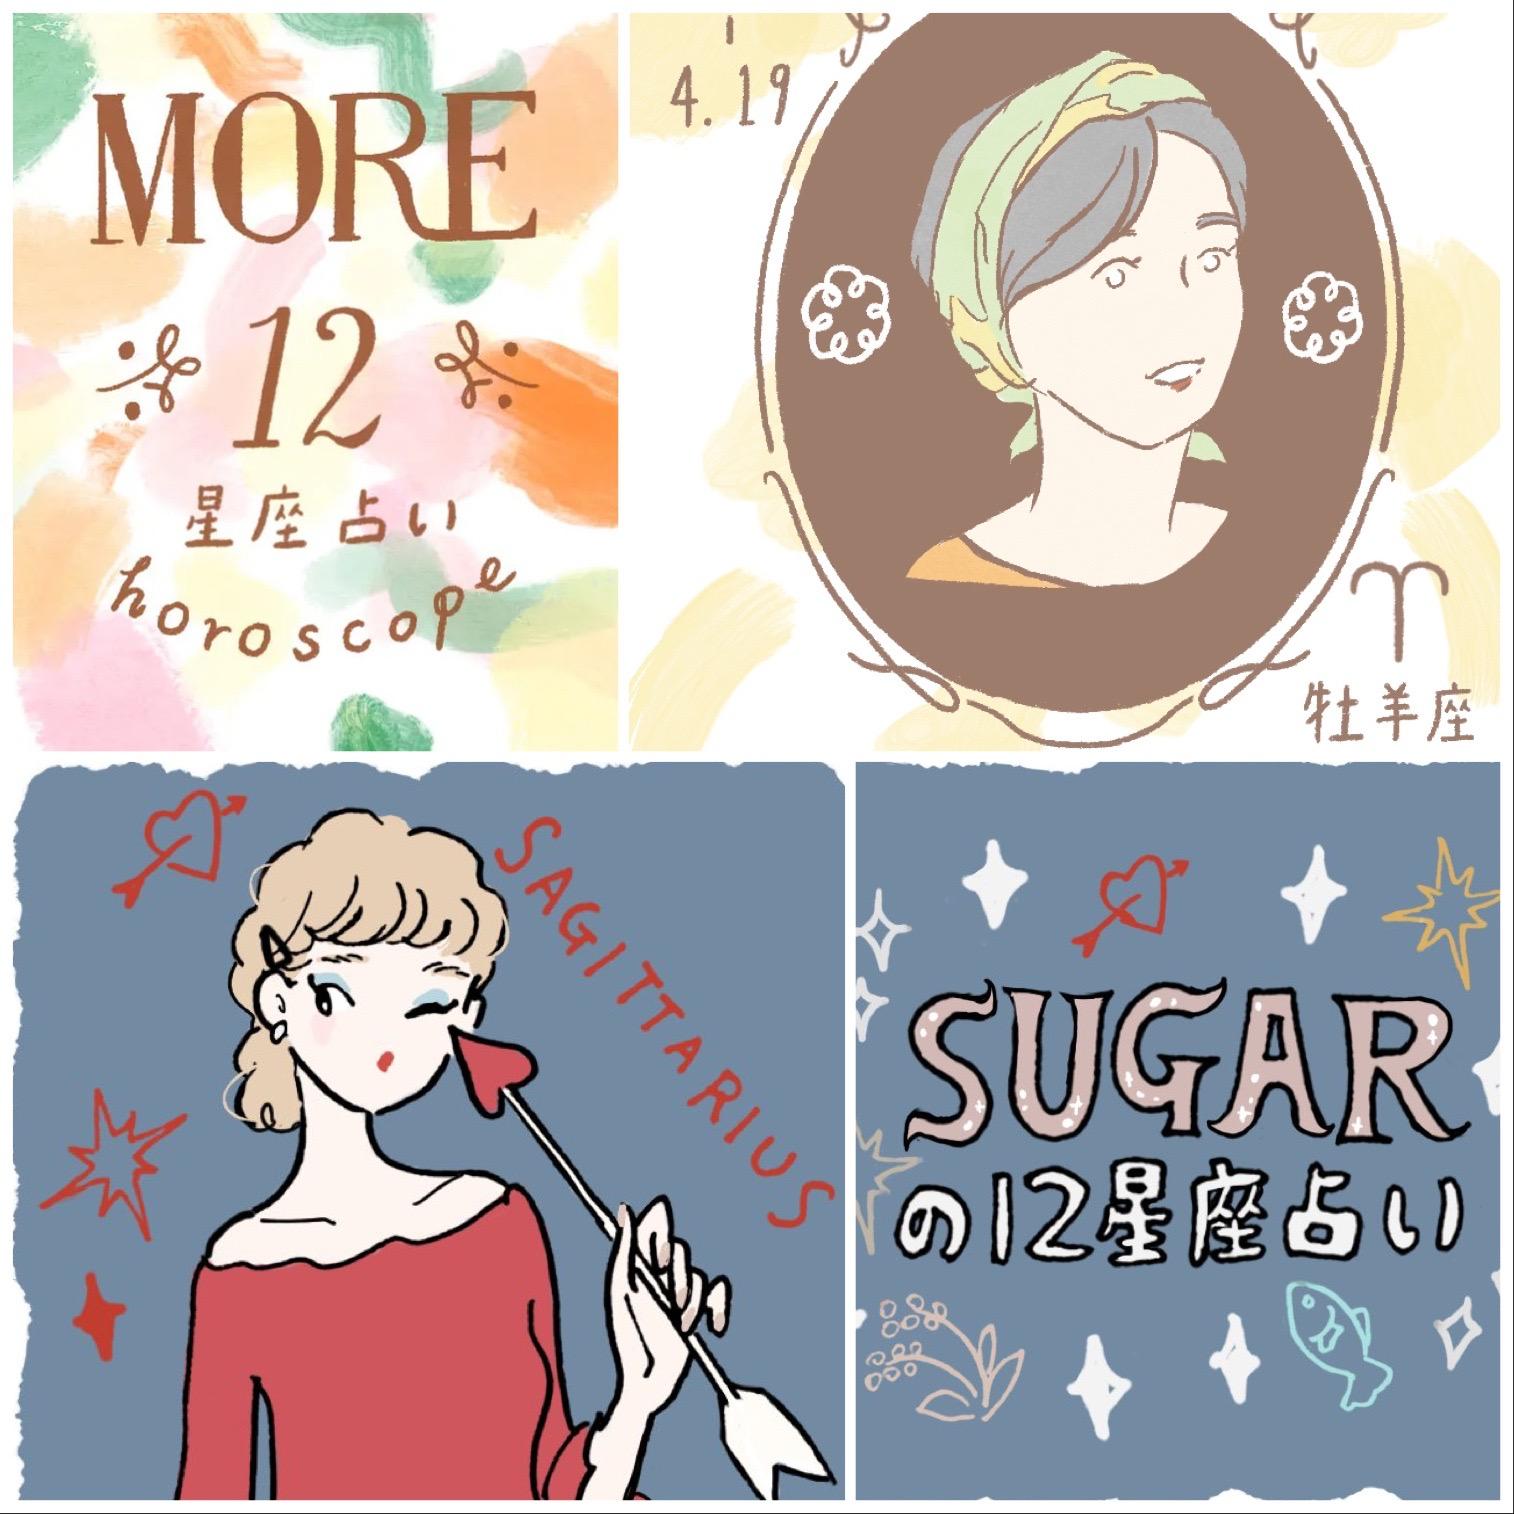 MORE公式サイト「DAILY MORE」見どころニュース! 注目コンテンツをギュッとまとめてお届け☆_2